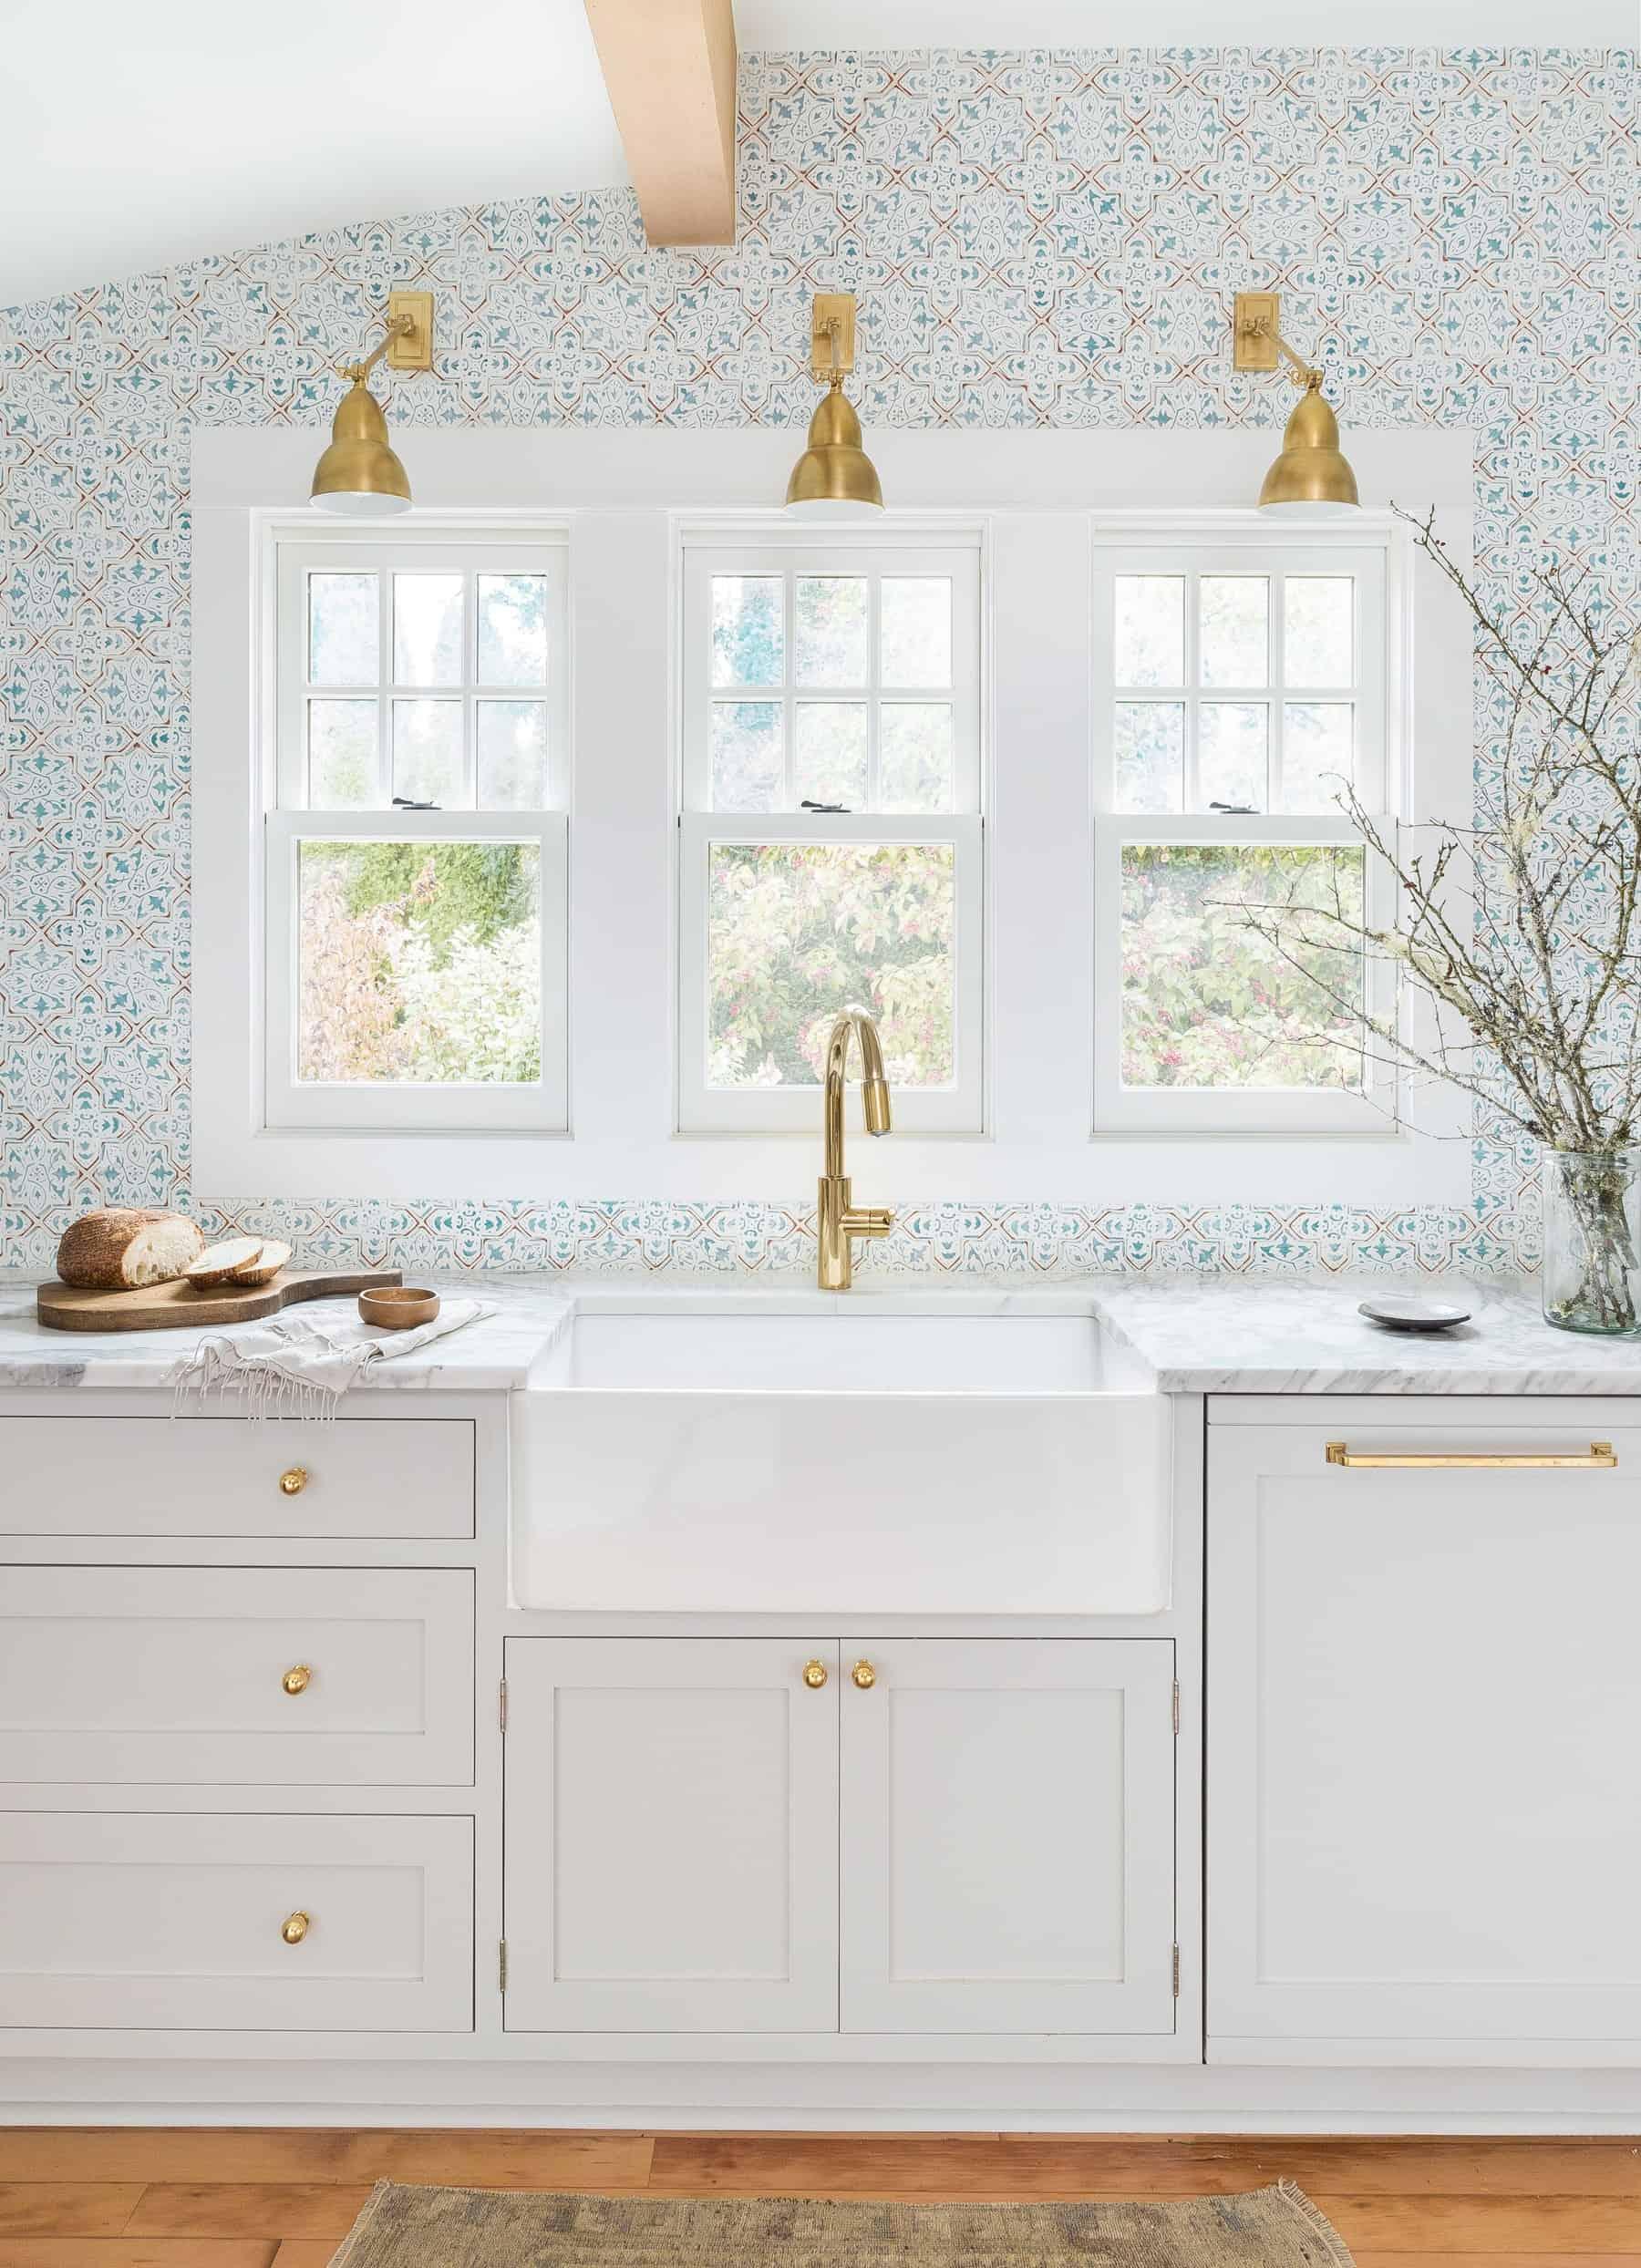 Heidi-Caillier-Design-Juneau-kitchen-design-Seattle-interior ...